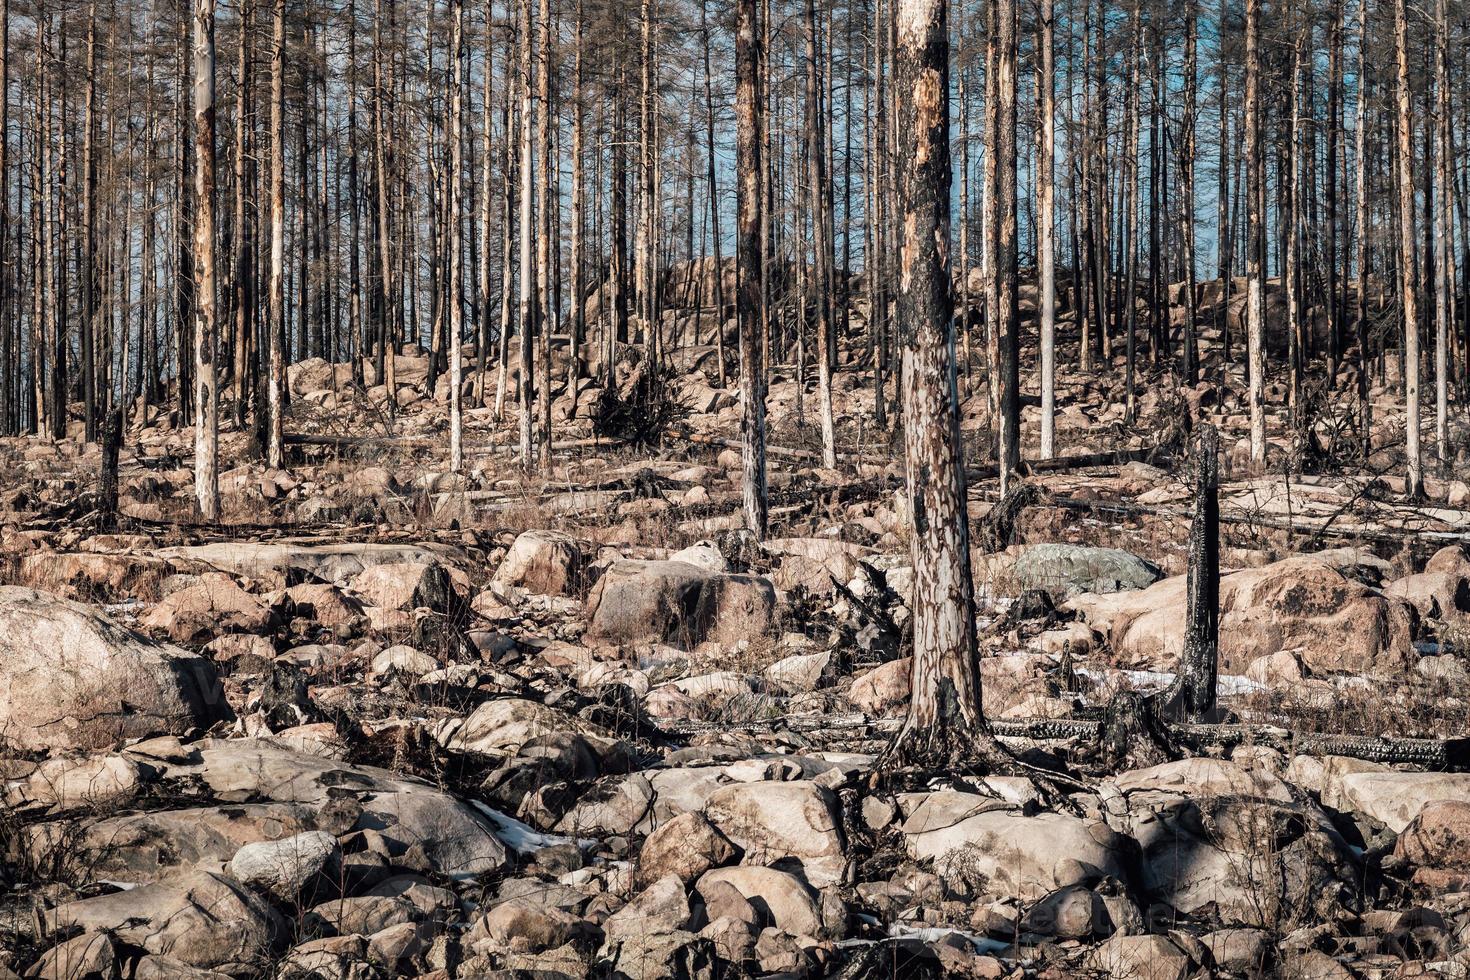 overgebleven dode en verbrande bomen in een door brand geteisterd bos foto